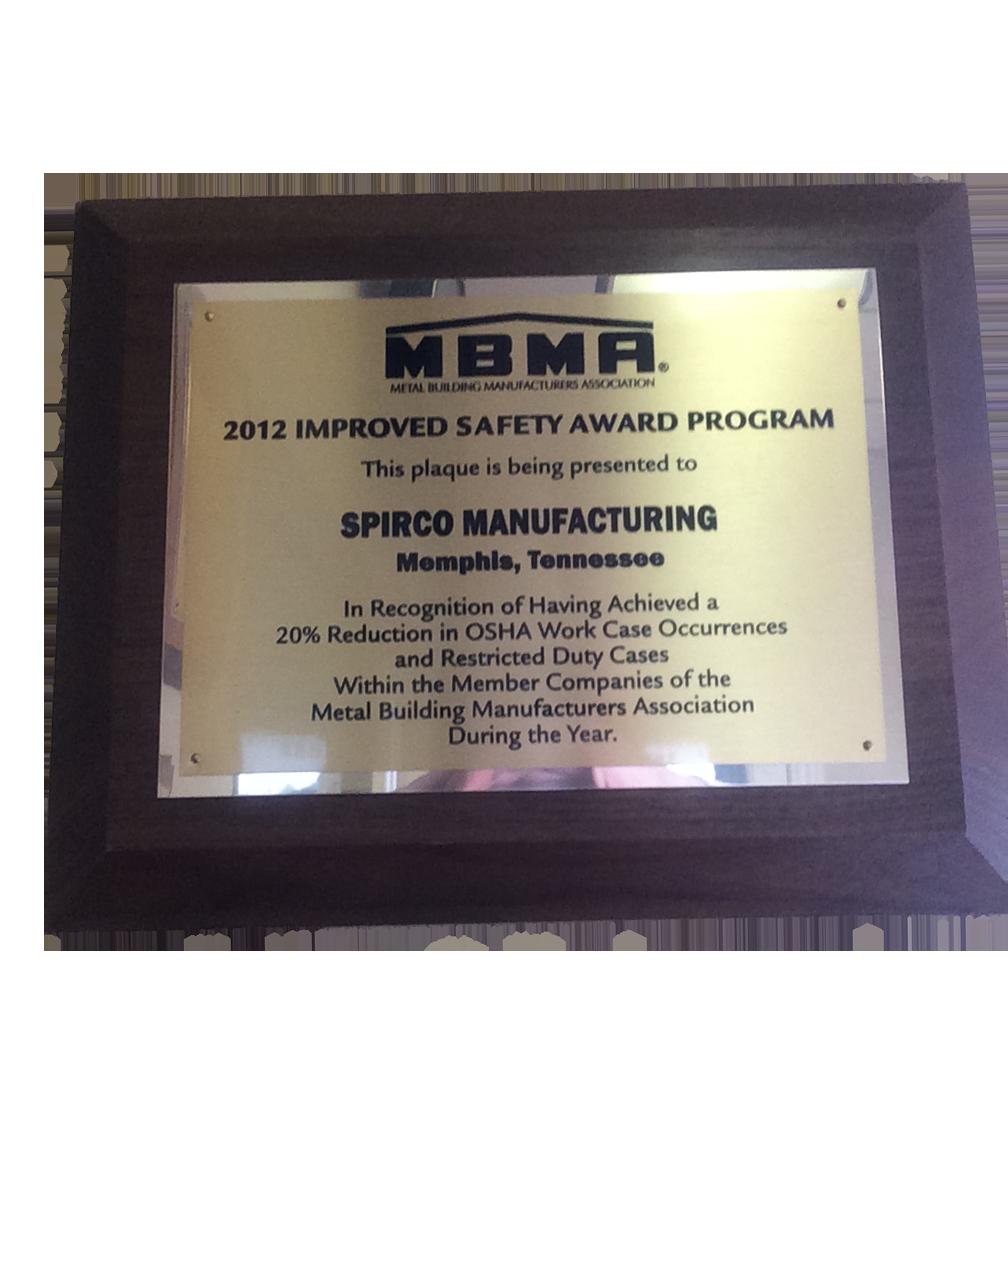 Spirco Manufacturing